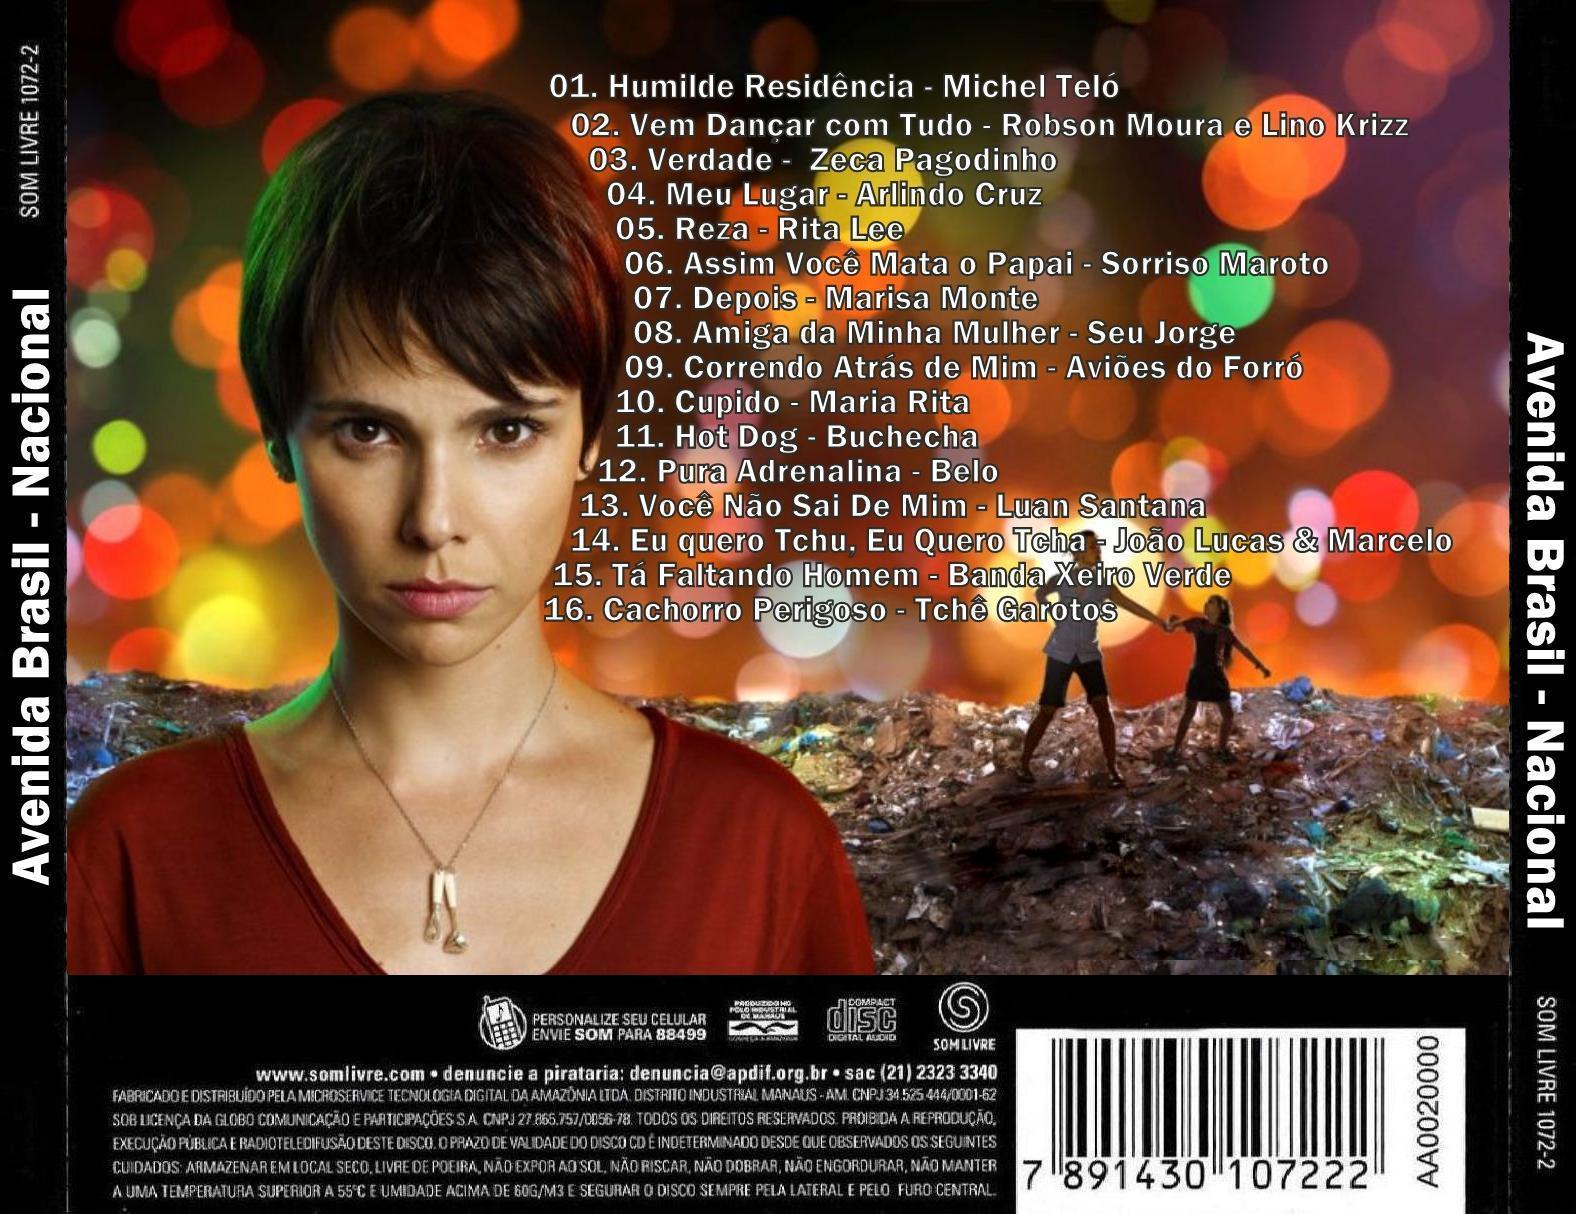 Super Capas: O Melhor Site de Capas de DVD e CD